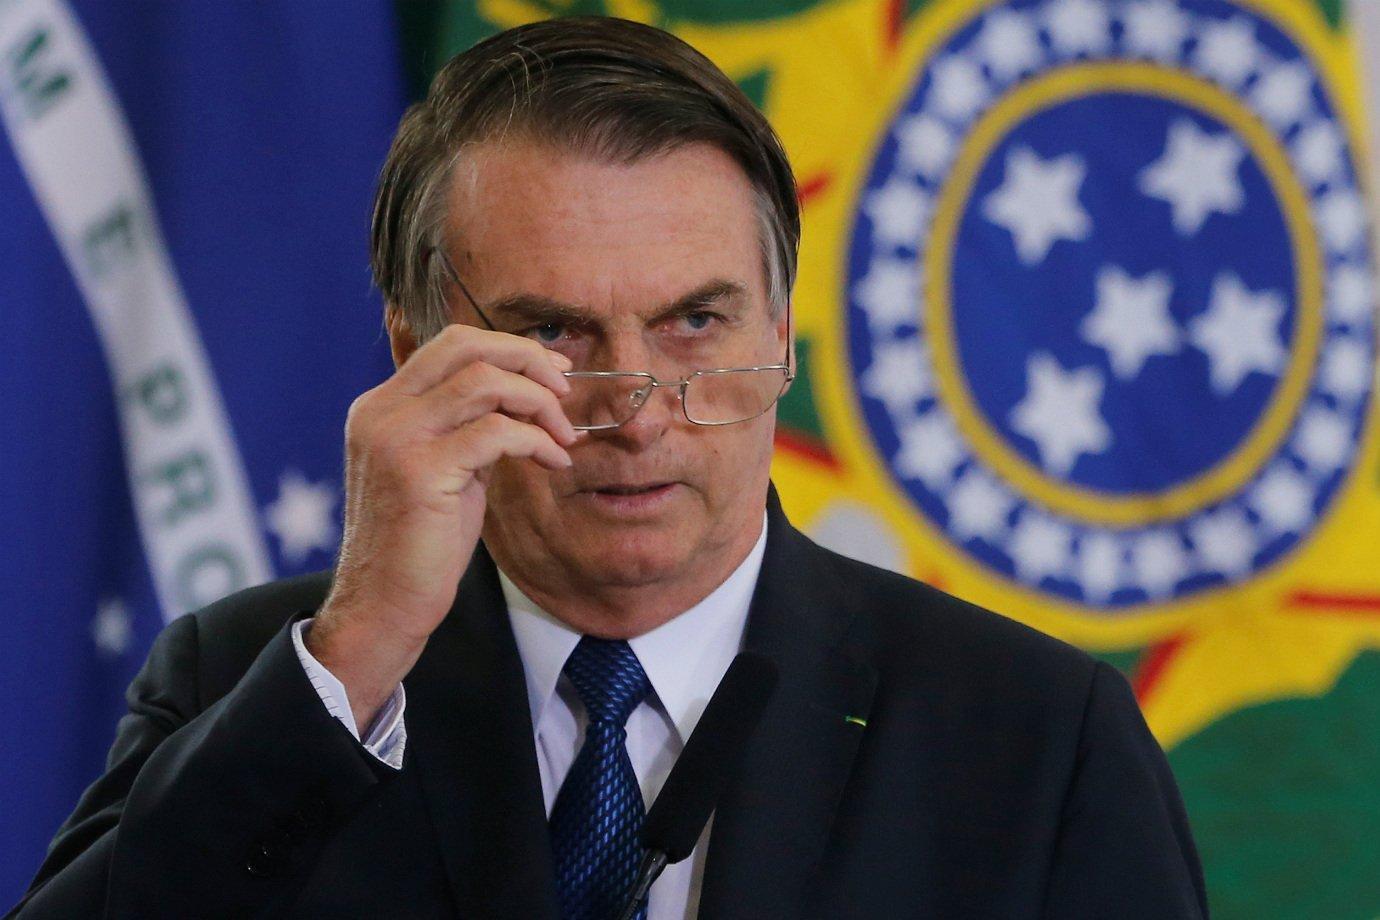 Em novo ataque, Bolsonaro sugere que China faz guerra química com Covid